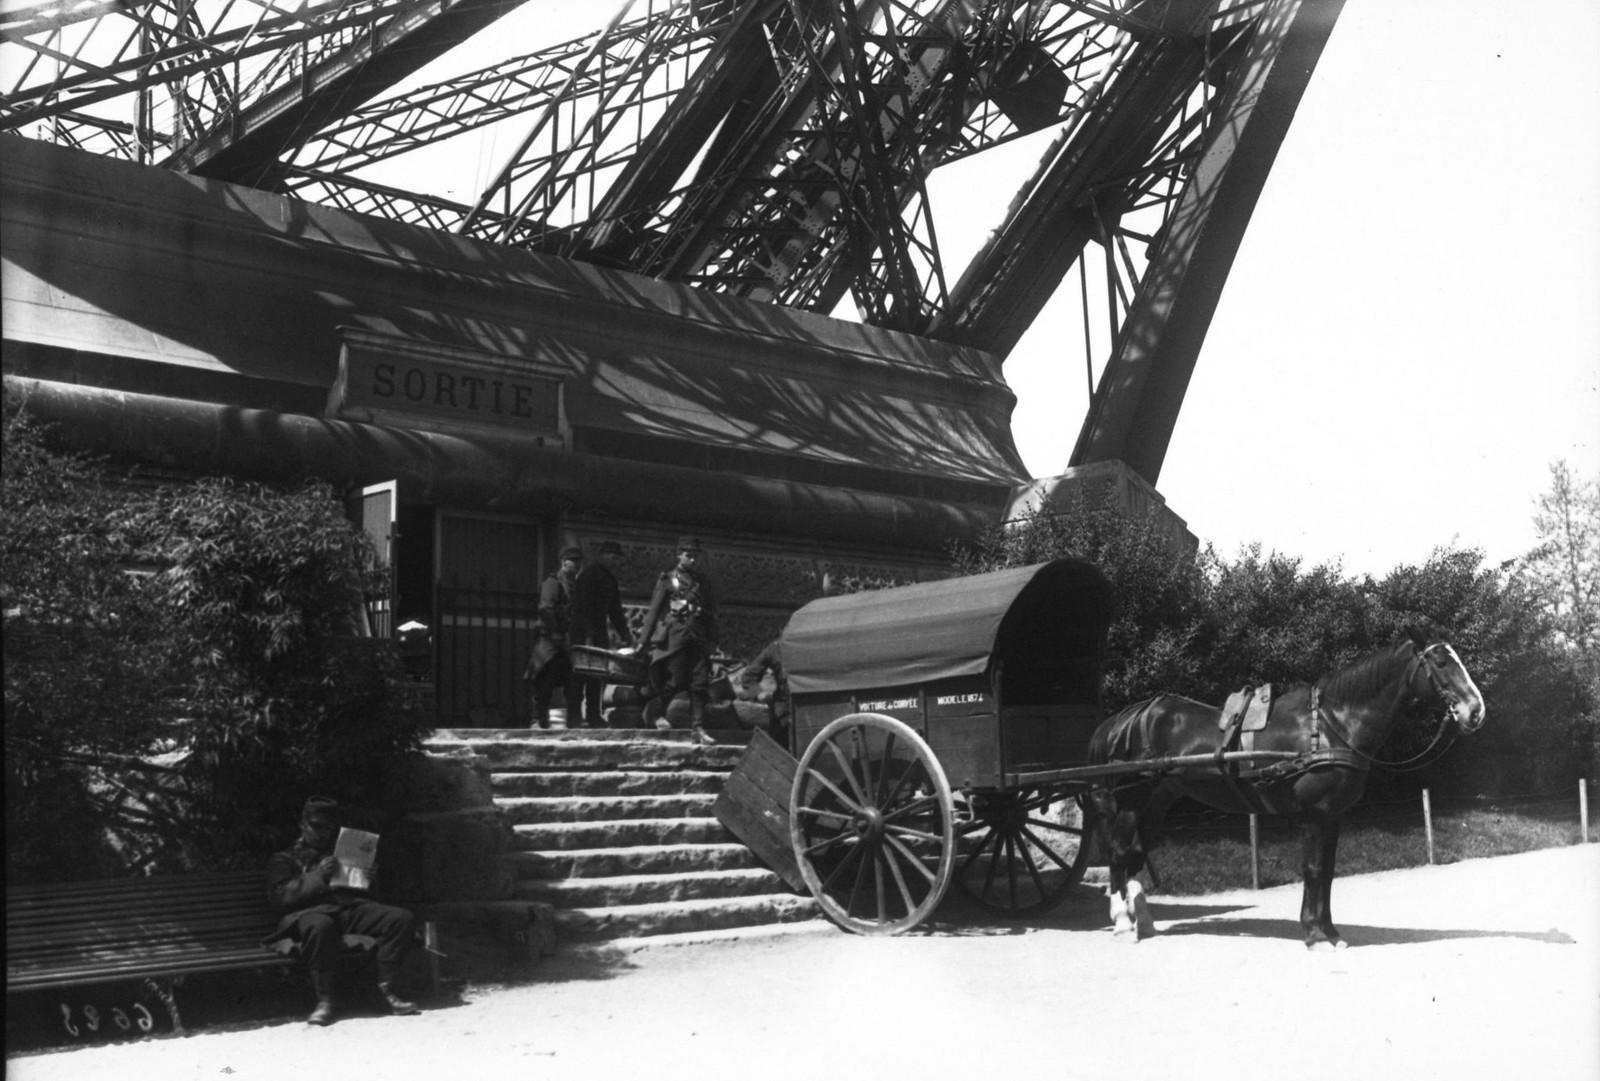 1909. Забастовка почтовых рабочих, солдаты выходят из Эйфелевой башни. 12 мая